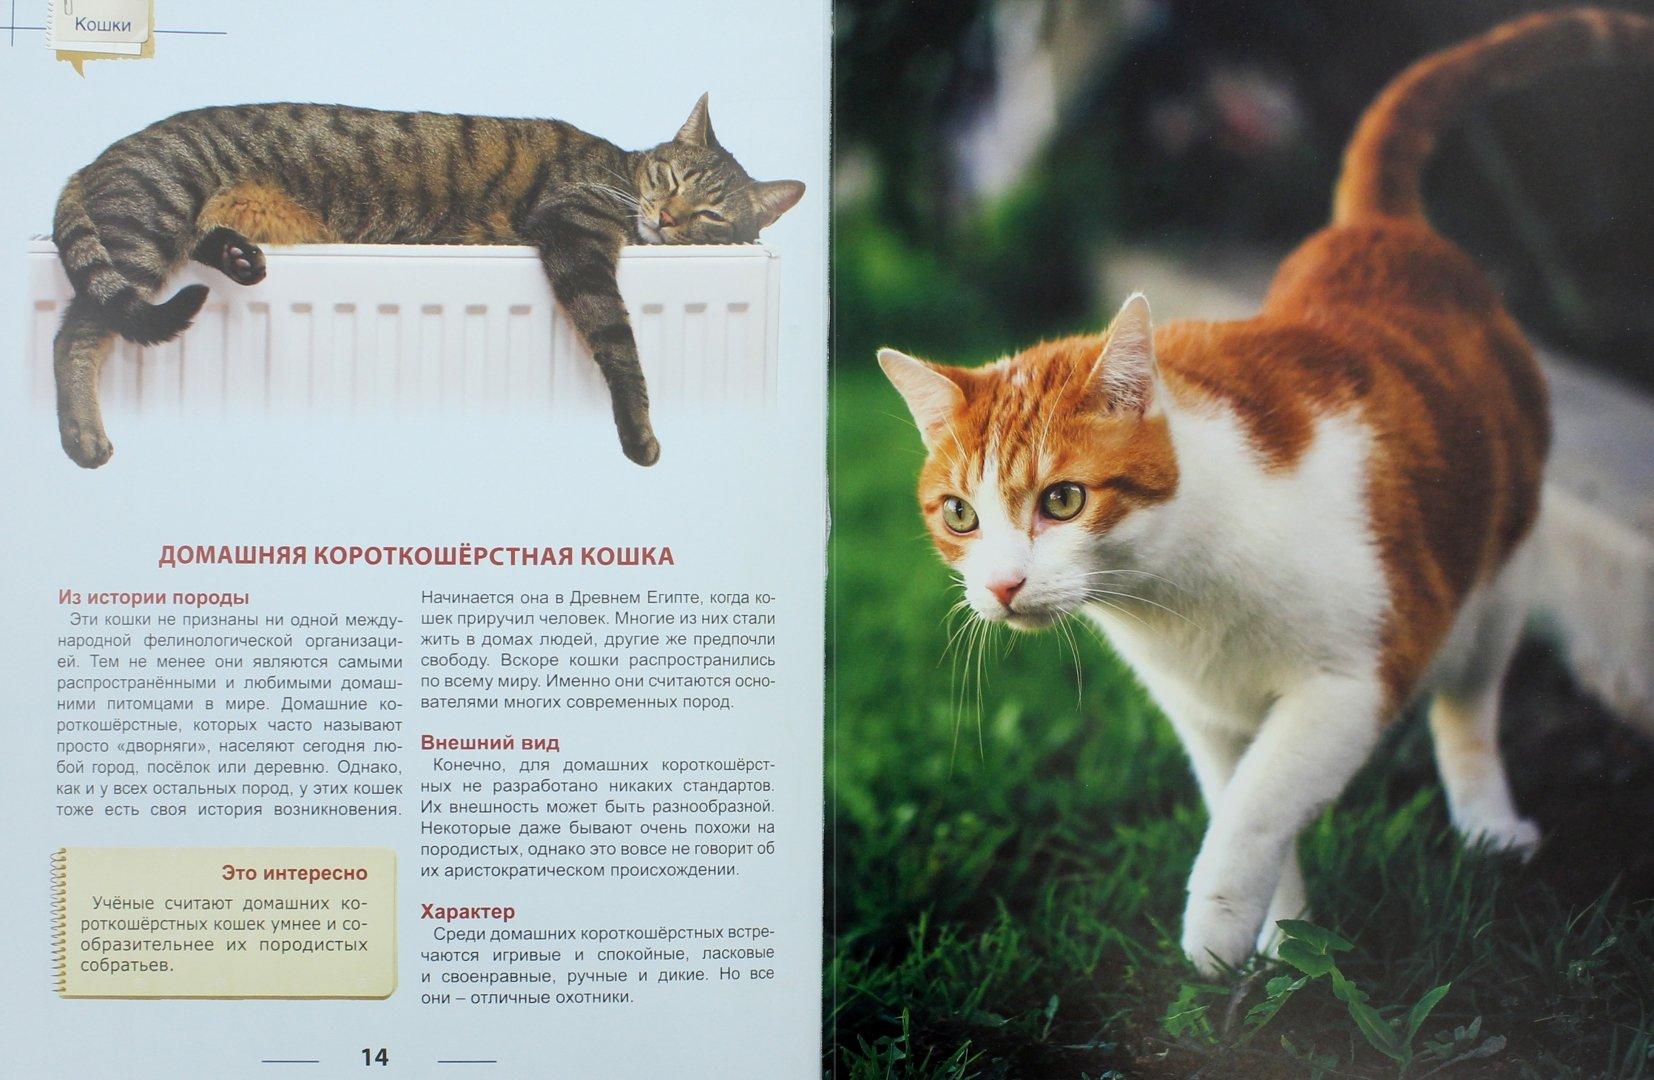 итоге картинки кошек с рассказами что